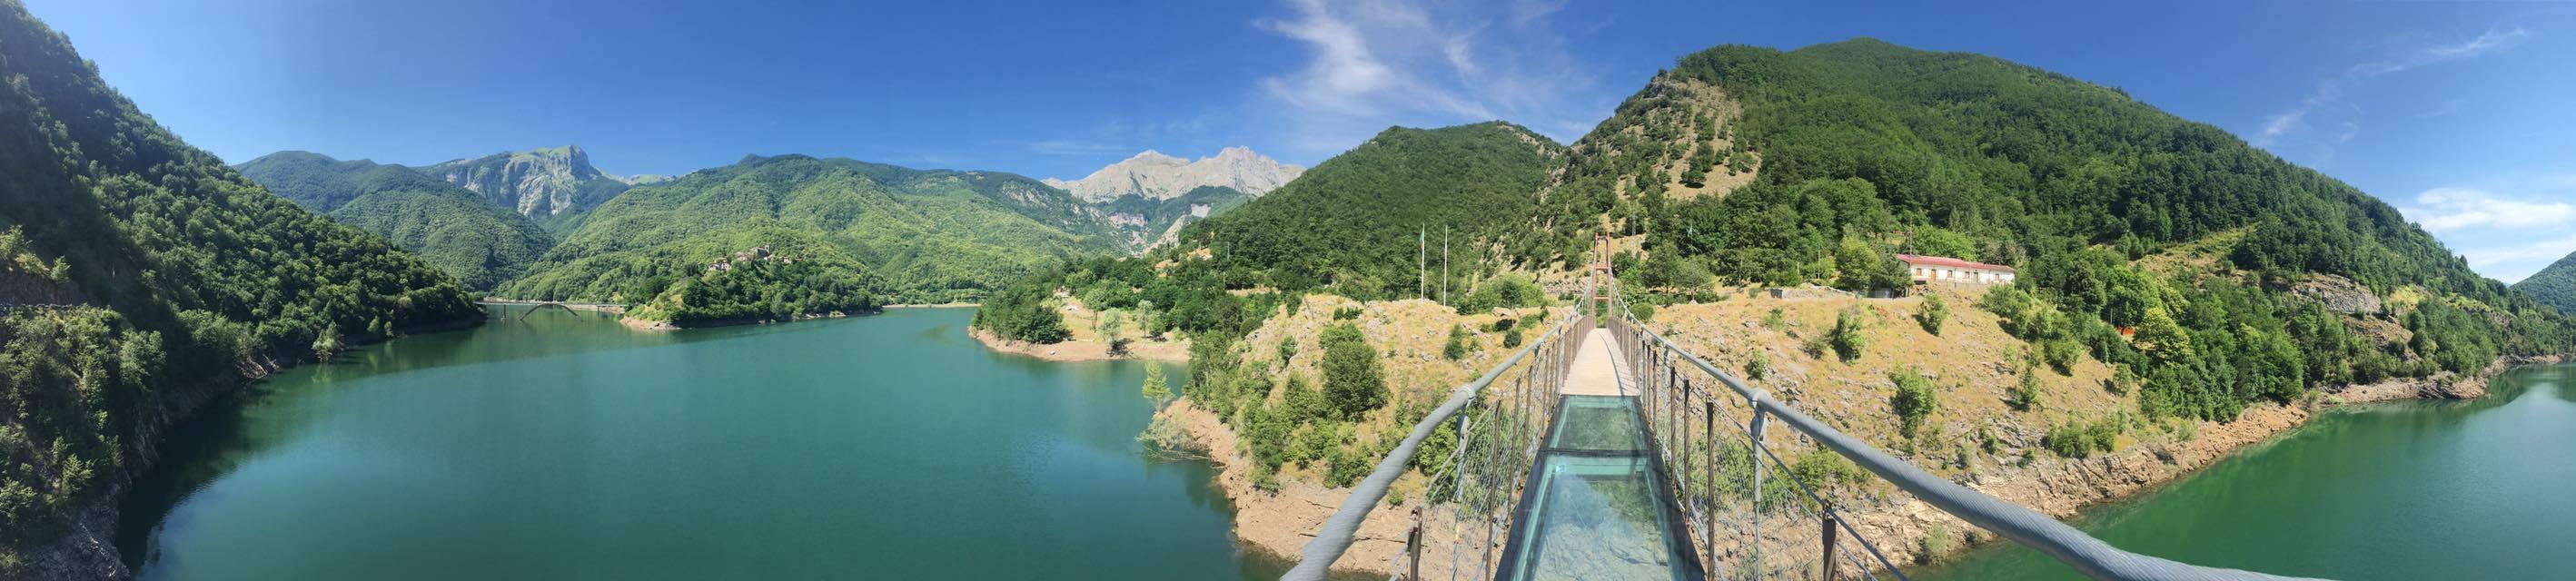 Ponte Sospeso sul Lago di Vagli